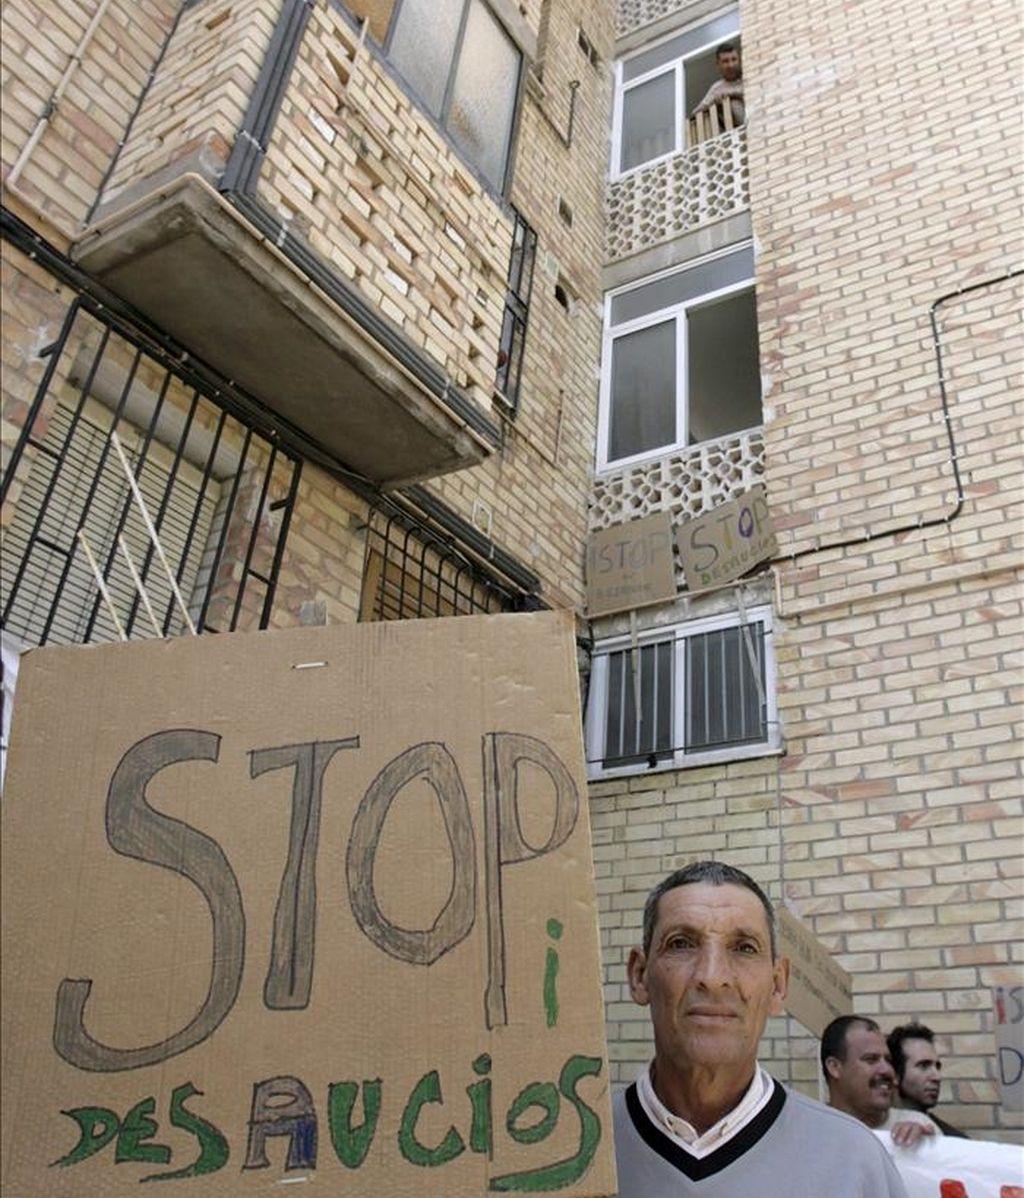 Vecinos y miembros de la Plataforma de Afectados por las Hipotecas de El Palmar ante la vivienda de Rabah Maizi, el joven de 32 años que lleva diez en España, donde vino procedente de Marruecos en busca de trabajo, en el barrio de Los Rosales de Murcia, donde han impedido el desalojo de Maizi y su familia. EFE